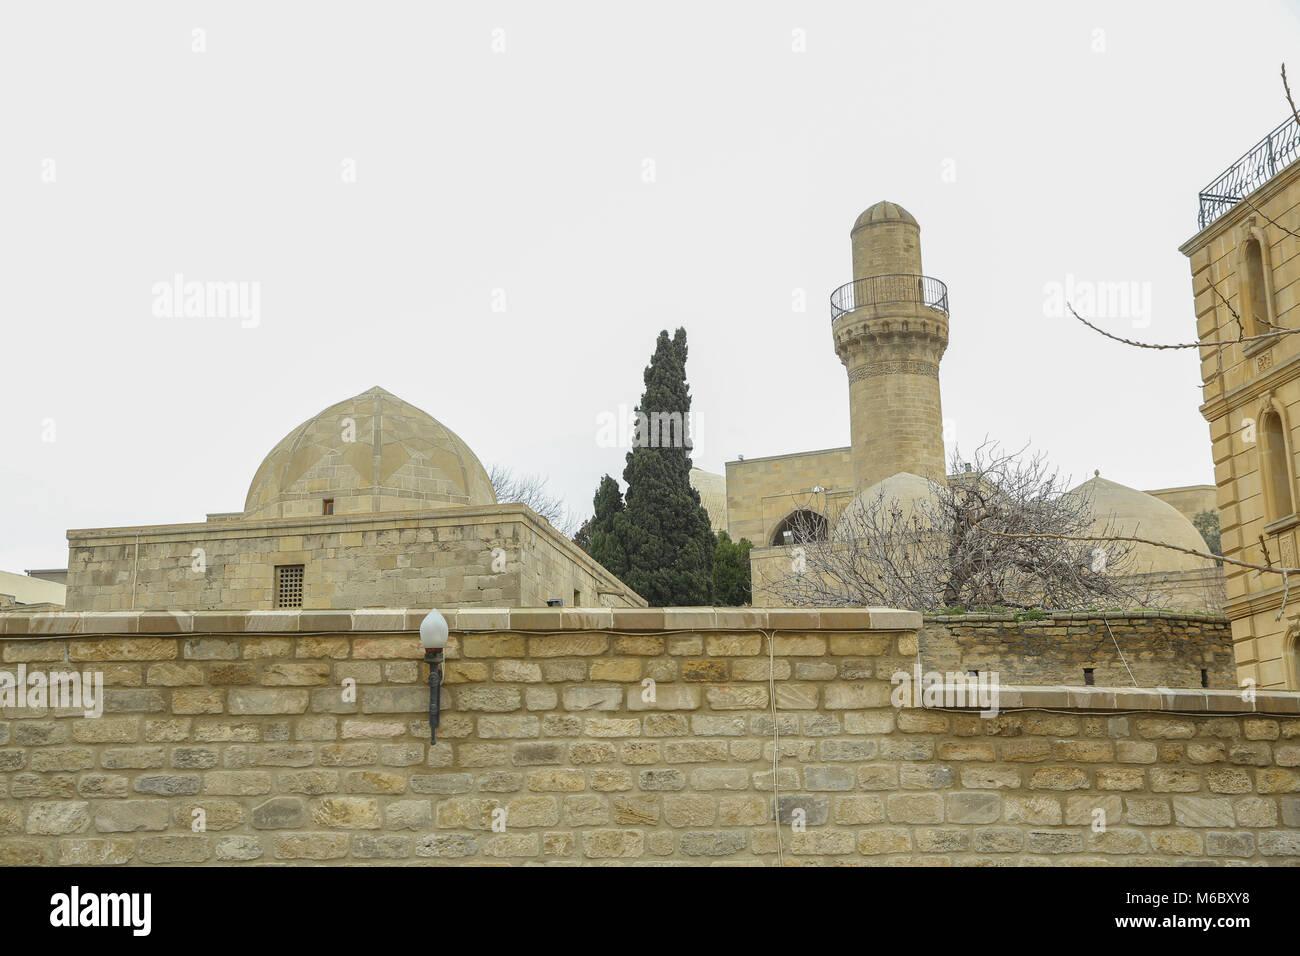 Ancient mosque in Baku, Old mosque, Ancient mosque in Icheri sheher . Shirvanshah kervansaray in Baku, Azerbaijan. - Stock Image